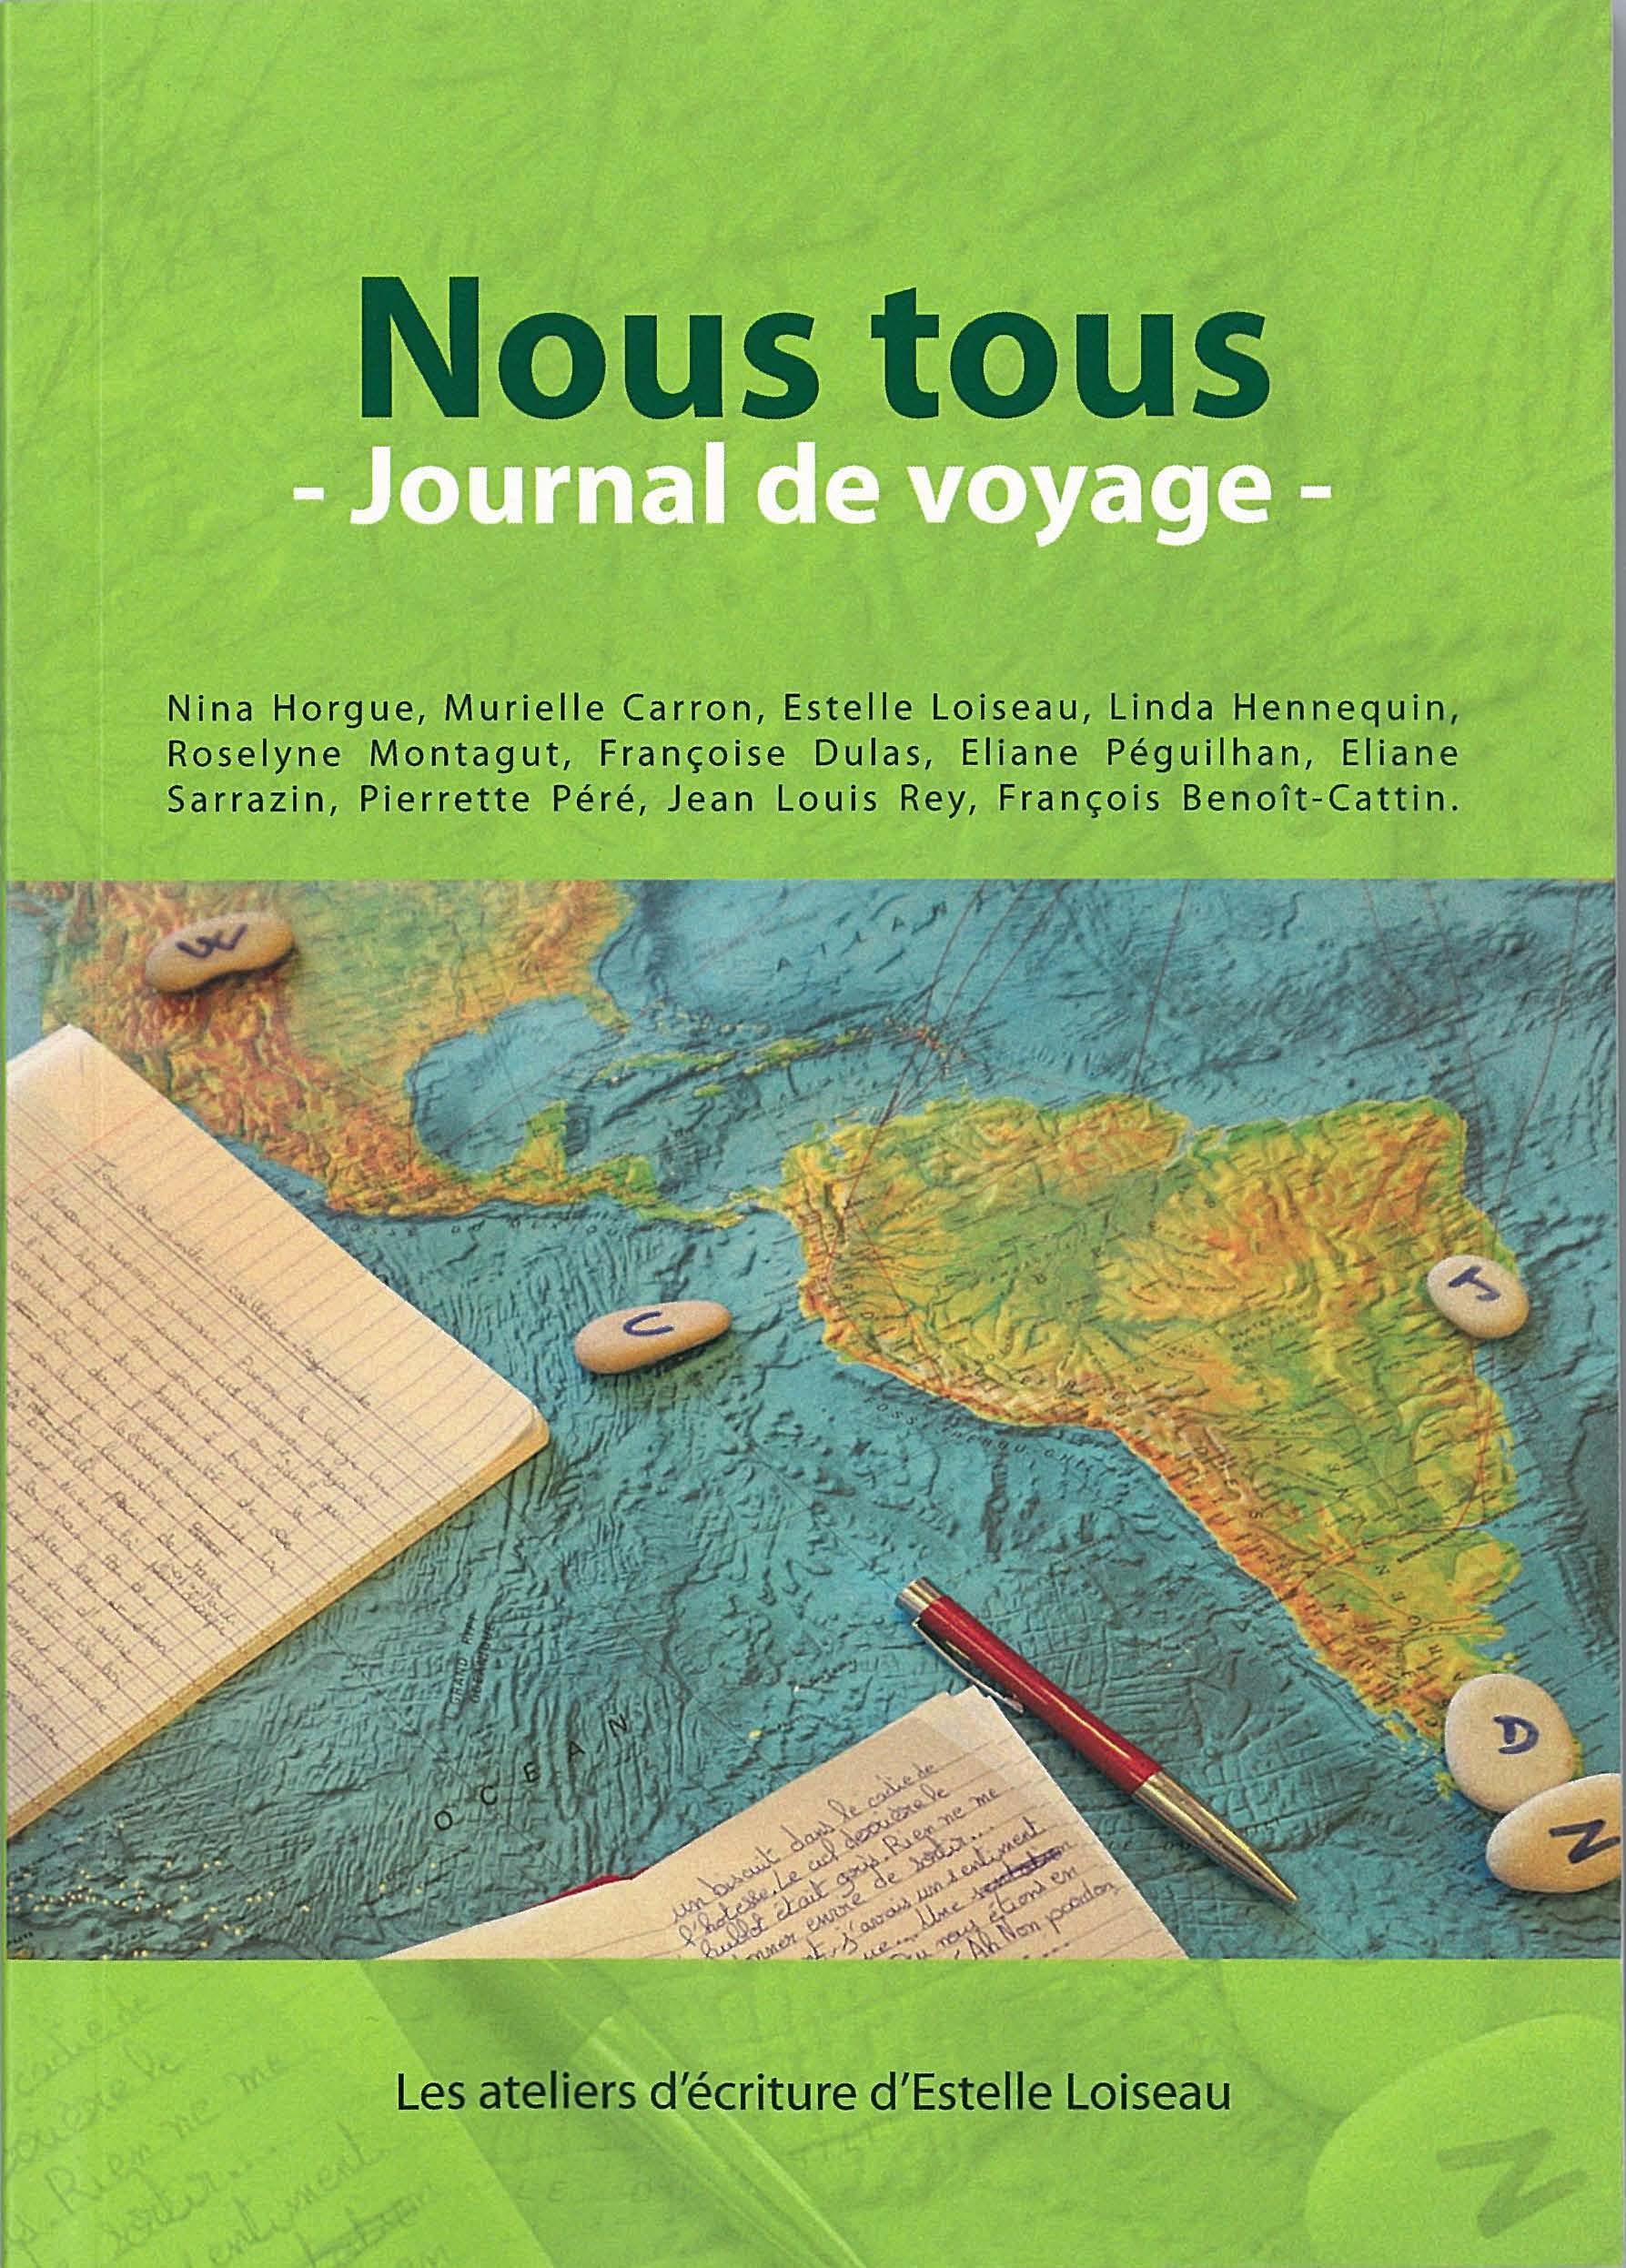 Nous tous - Journal de voyage - Atelier d'écriture Estelle Loiseau